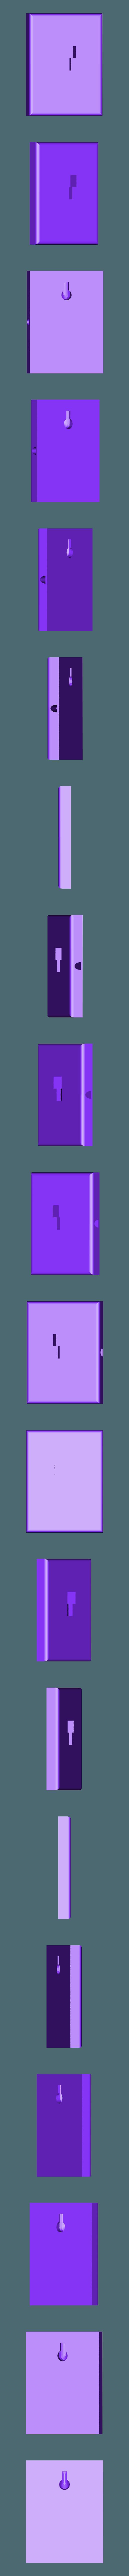 TopLeft.STL Télécharger fichier STL gratuit Échiquier vertical, alias l'Échiquier à l'épreuve des chats • Design à imprimer en 3D, SSilver